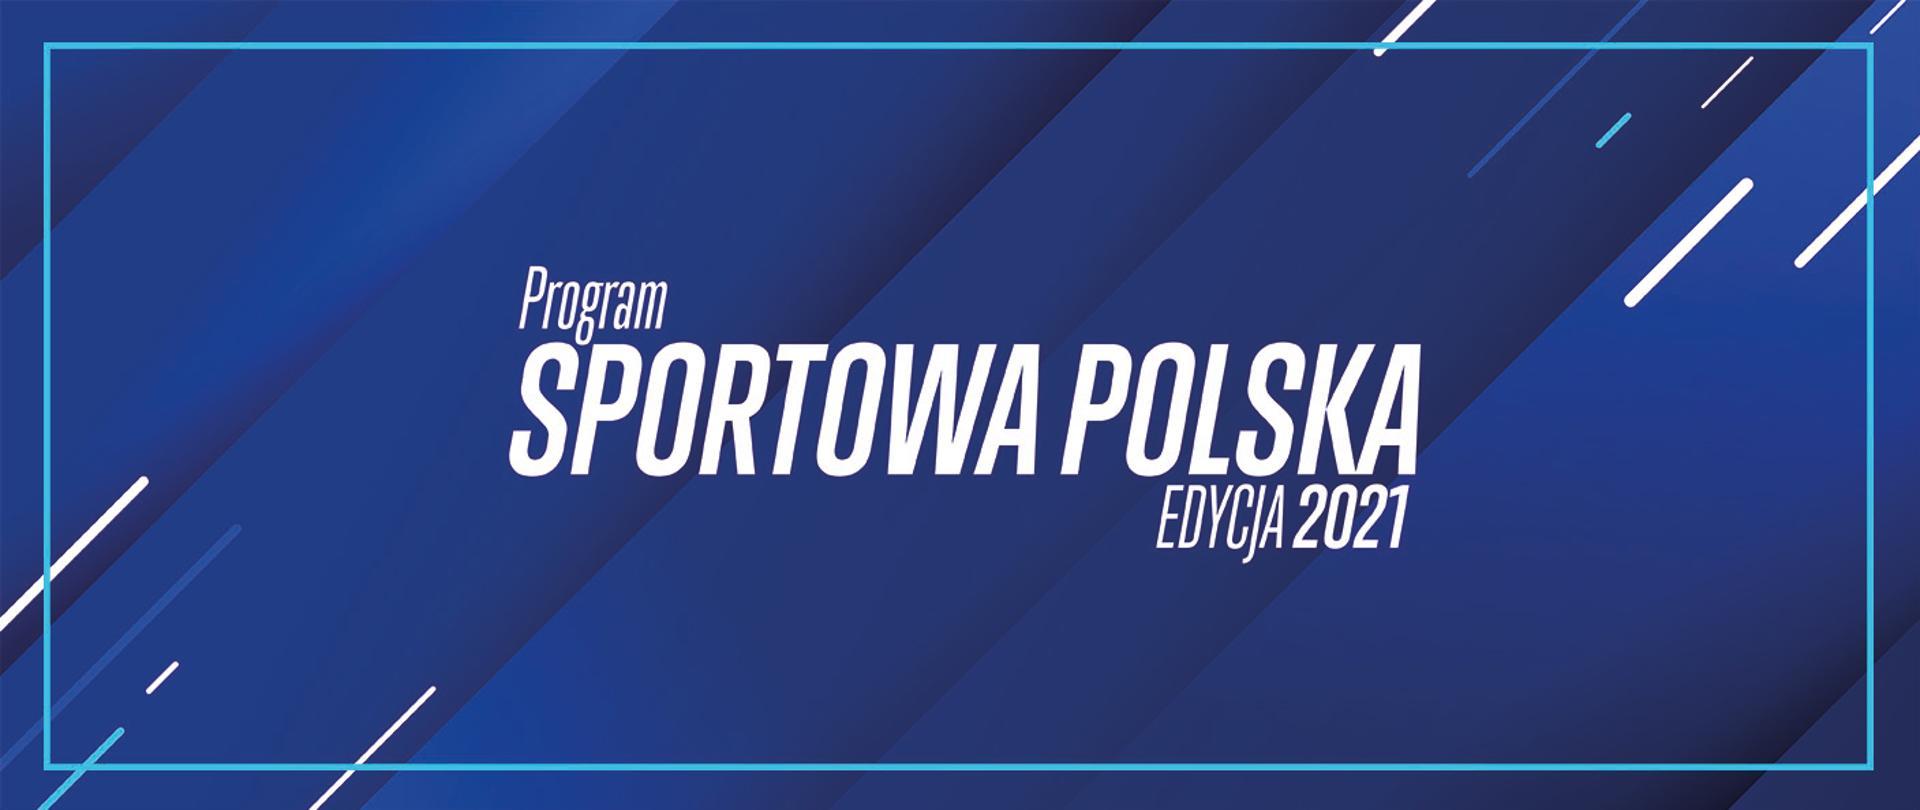 Program Sportowa Polska Edycja 2021